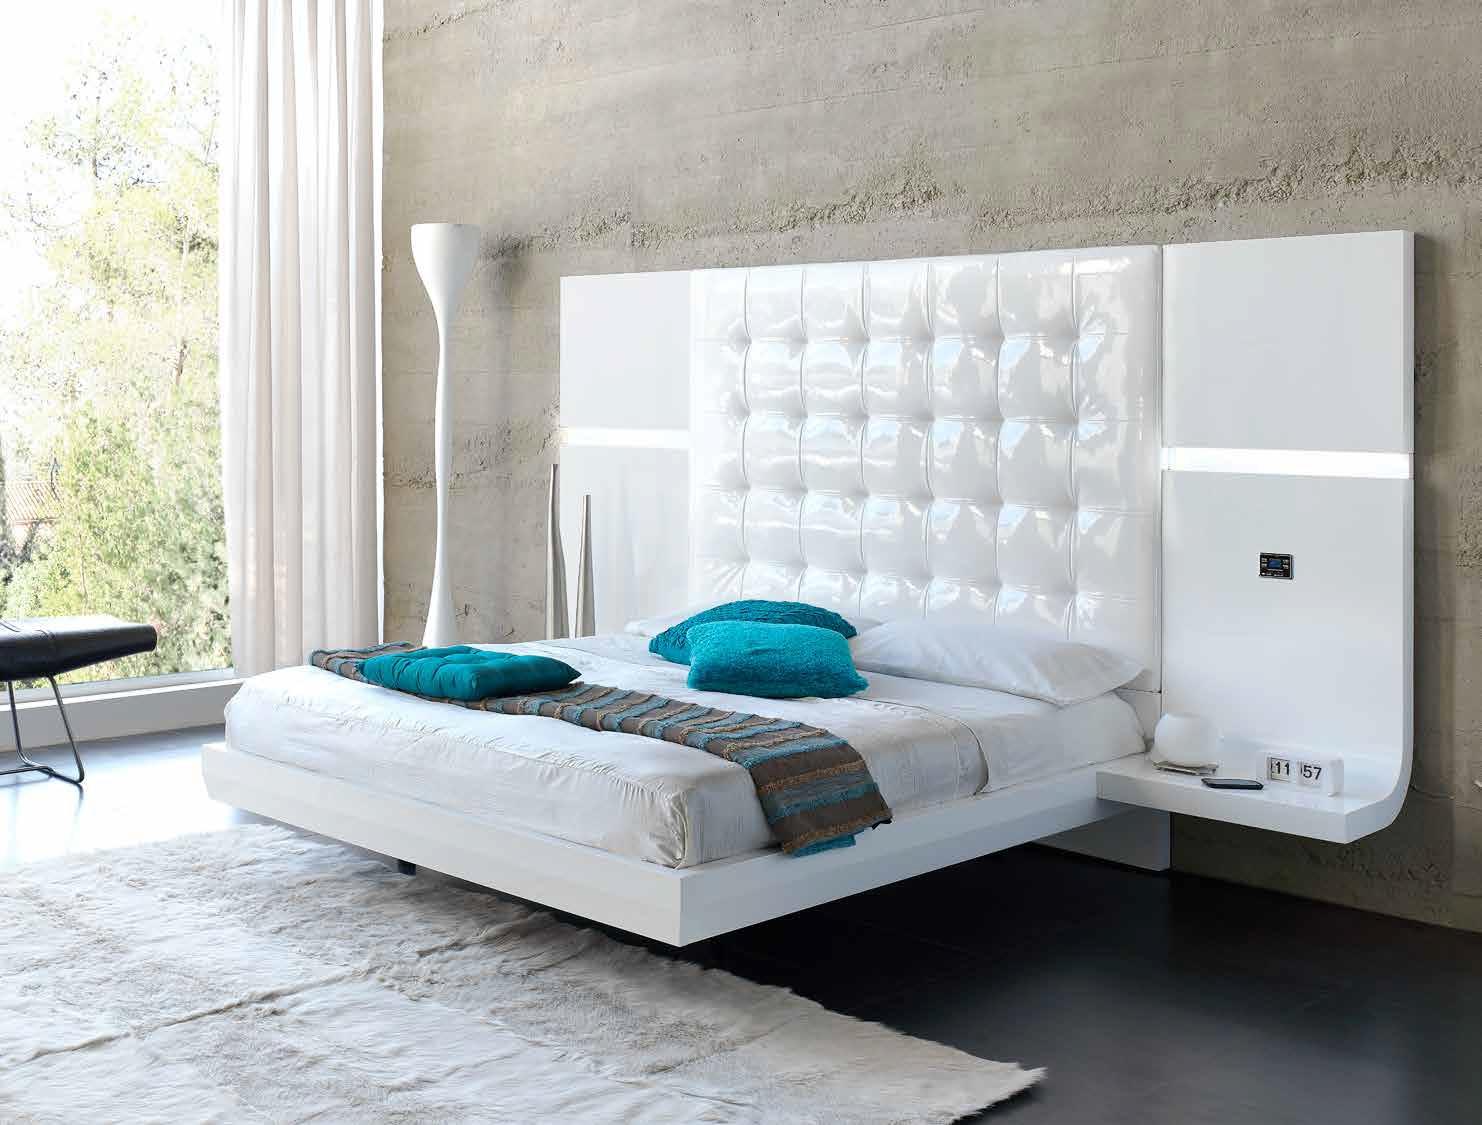 dormitorios-modernos-Vanessa-Dormitorio-muebles-paco-caballero-713-5cf1077417222